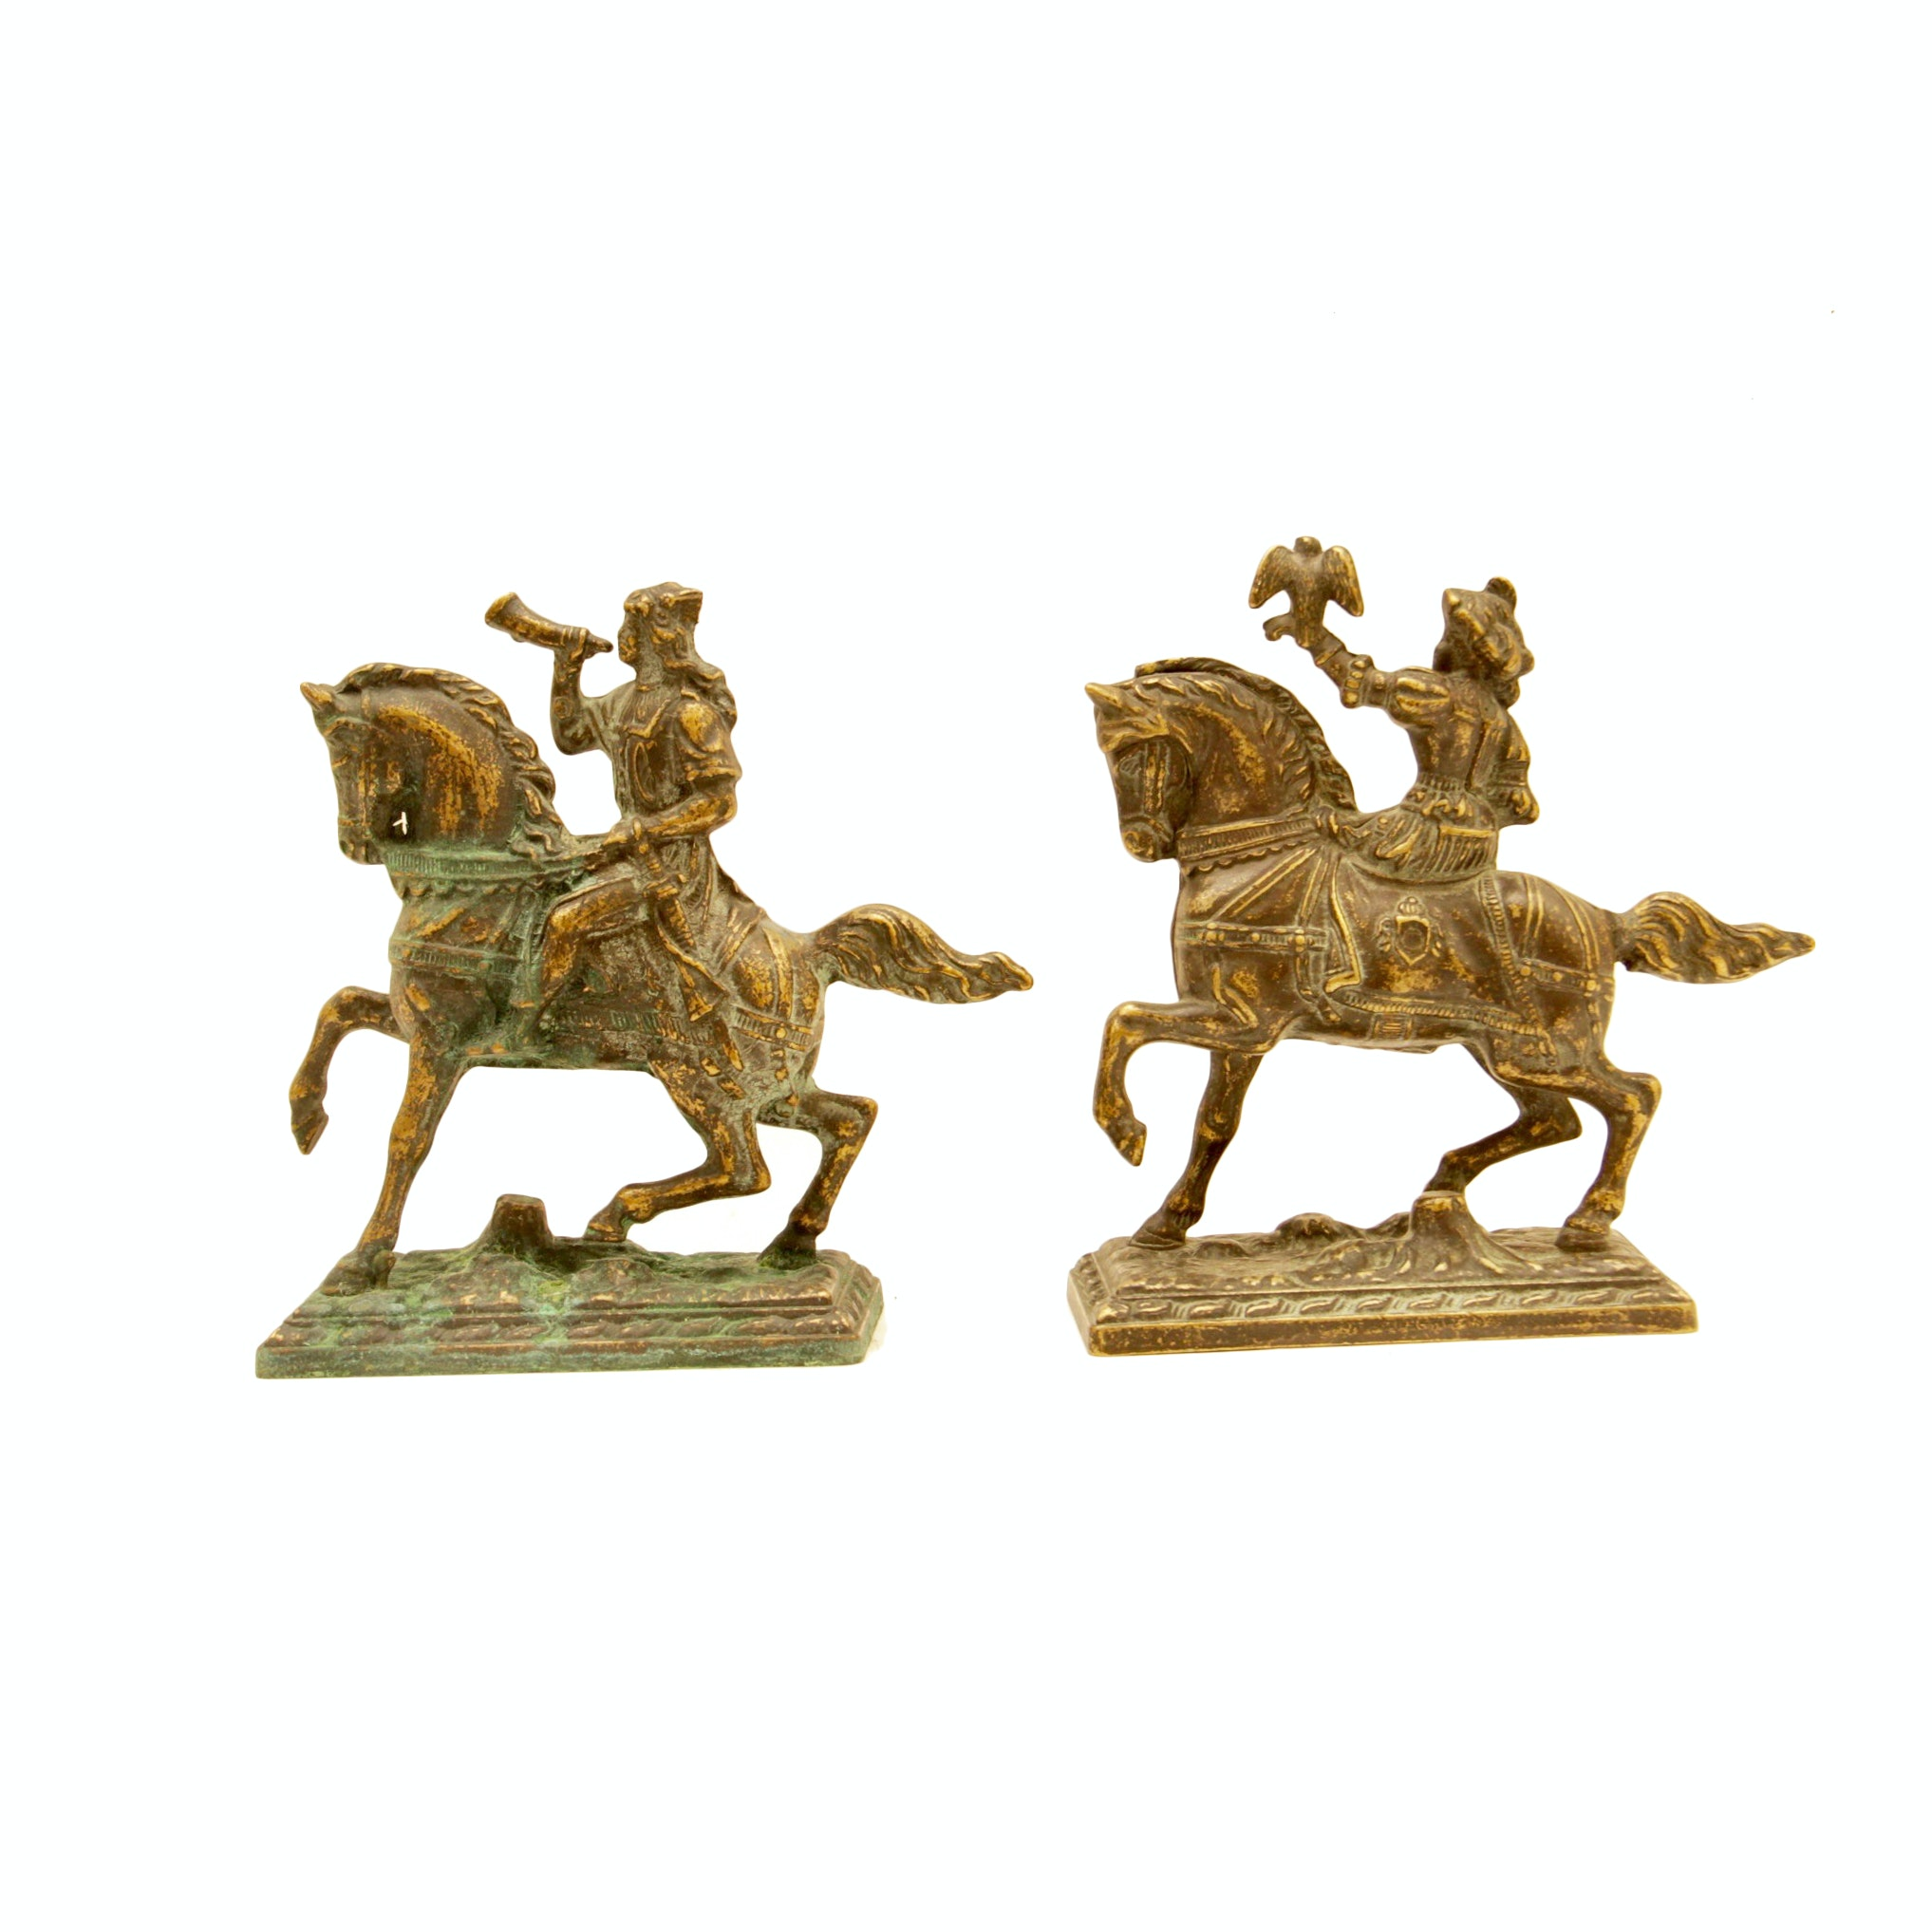 Pair of Bronze Renaissance Horsemen Bookends